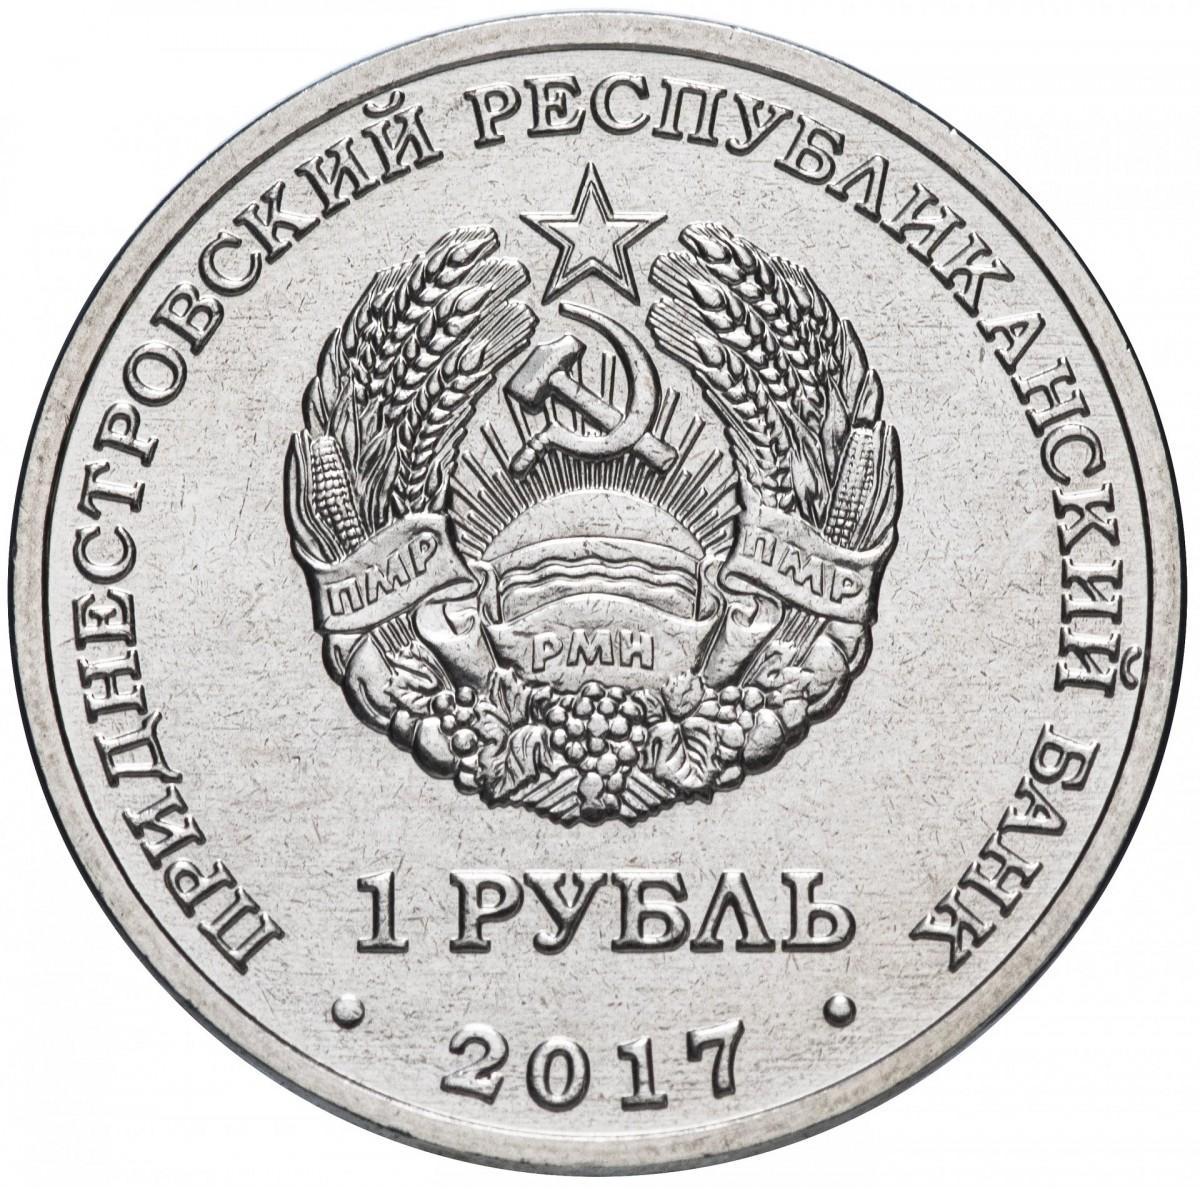 Приднестровье 1 рубль 2017 года Зимние Олимпийские Игры в Пхёнчхан (Республика Корея) код